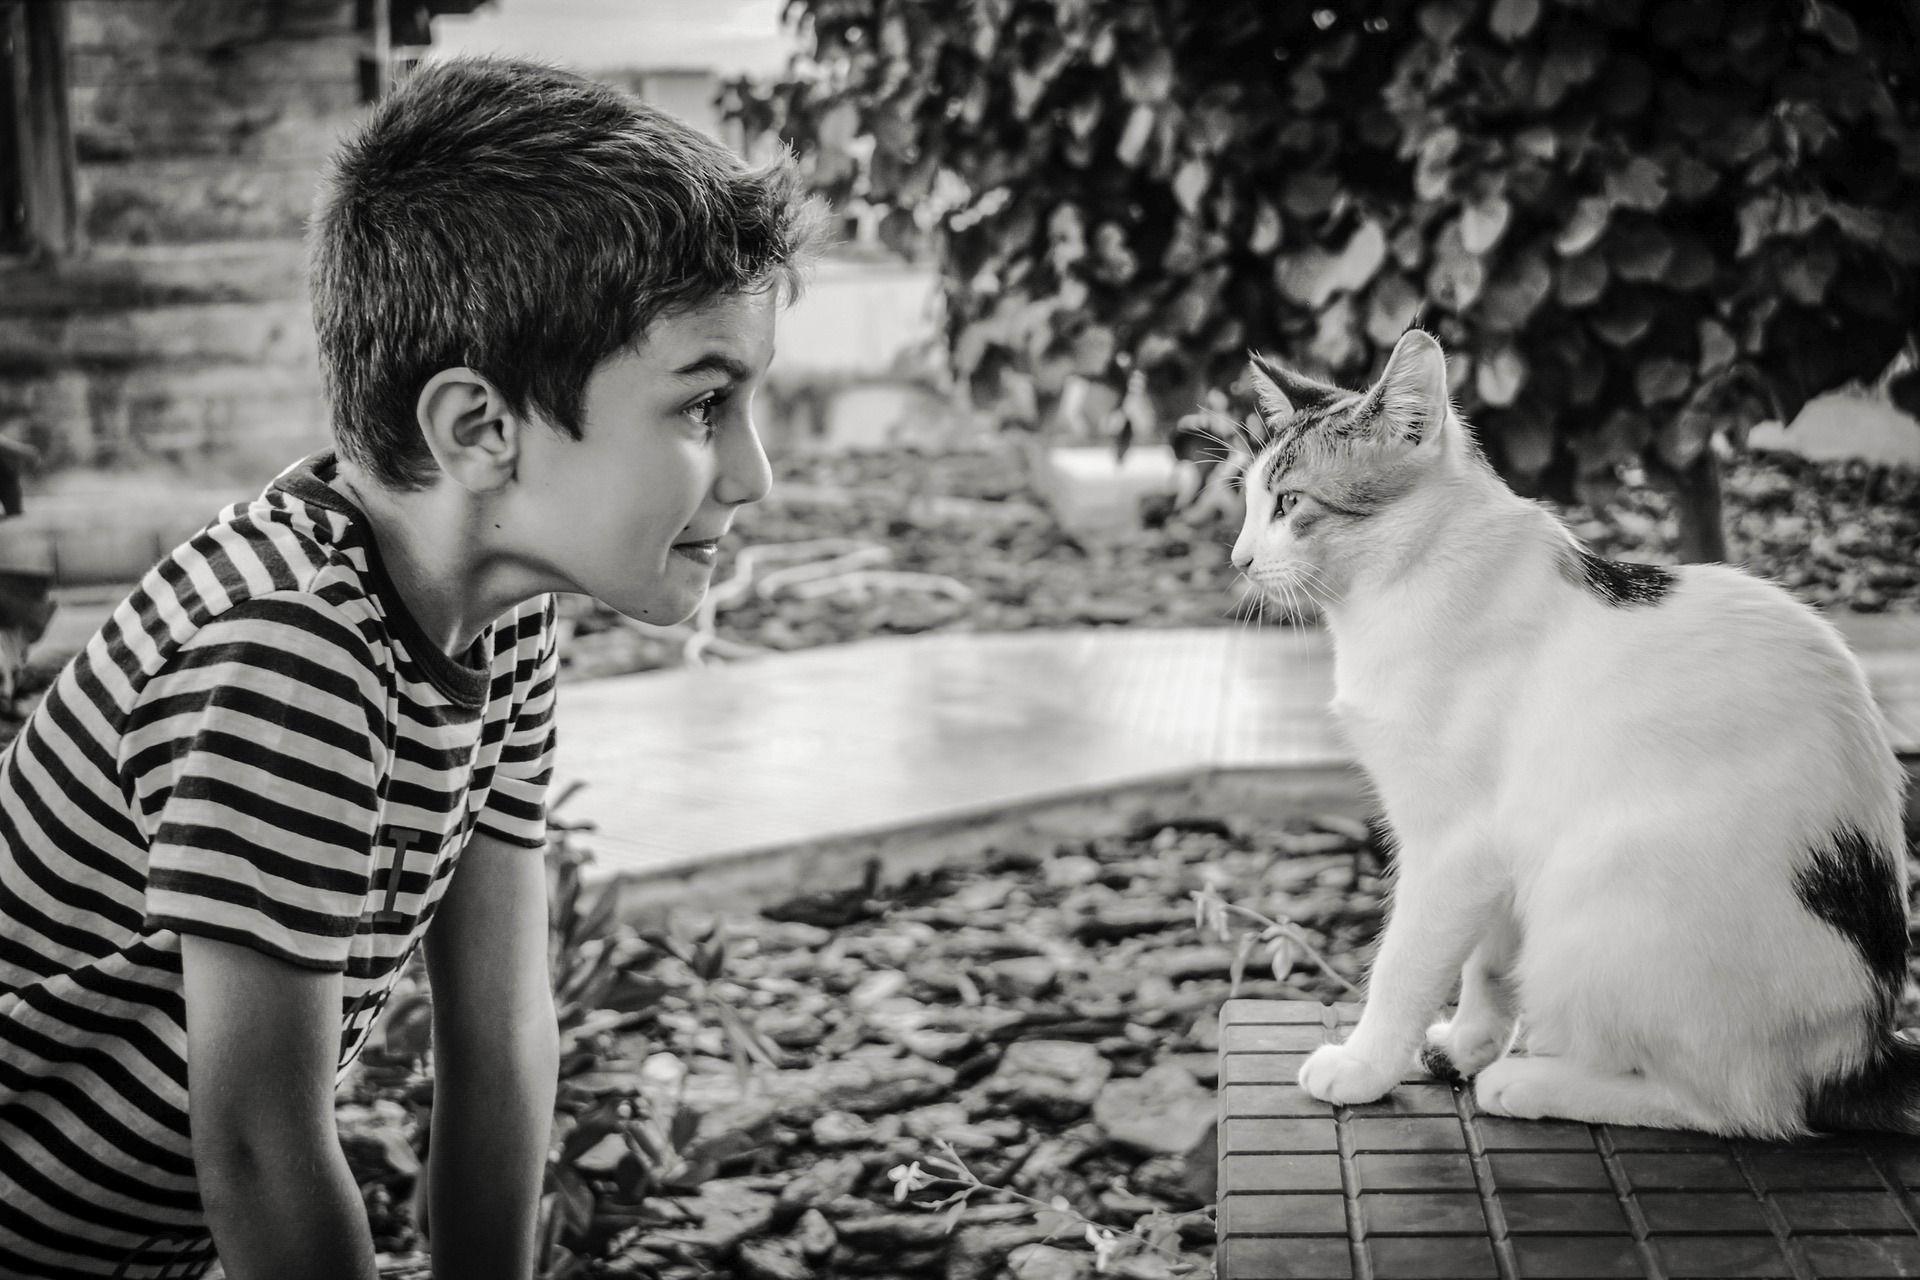 Il mio Gatto può essere educato?